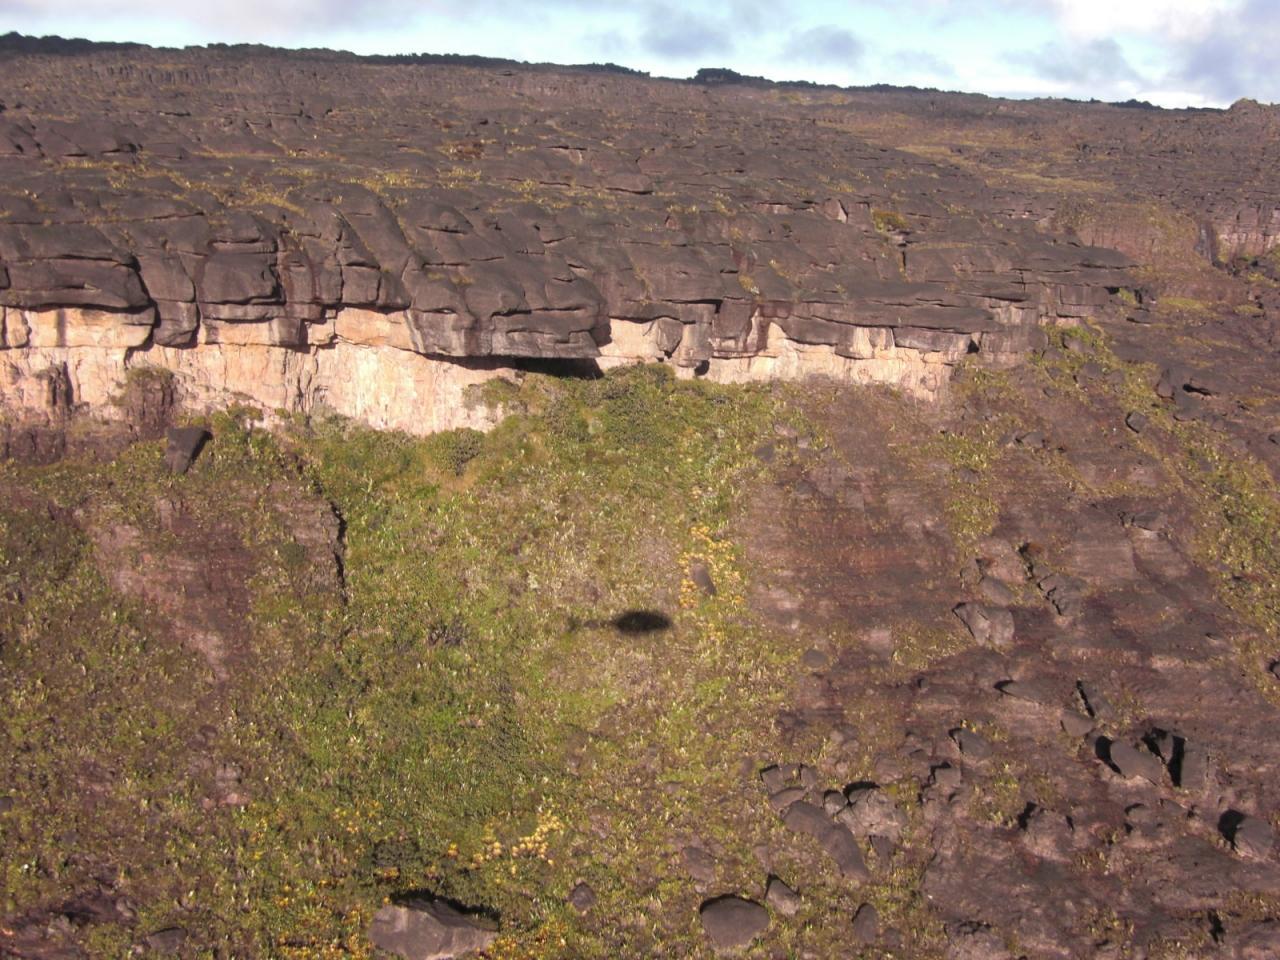 クケナン山の画像 p1_2